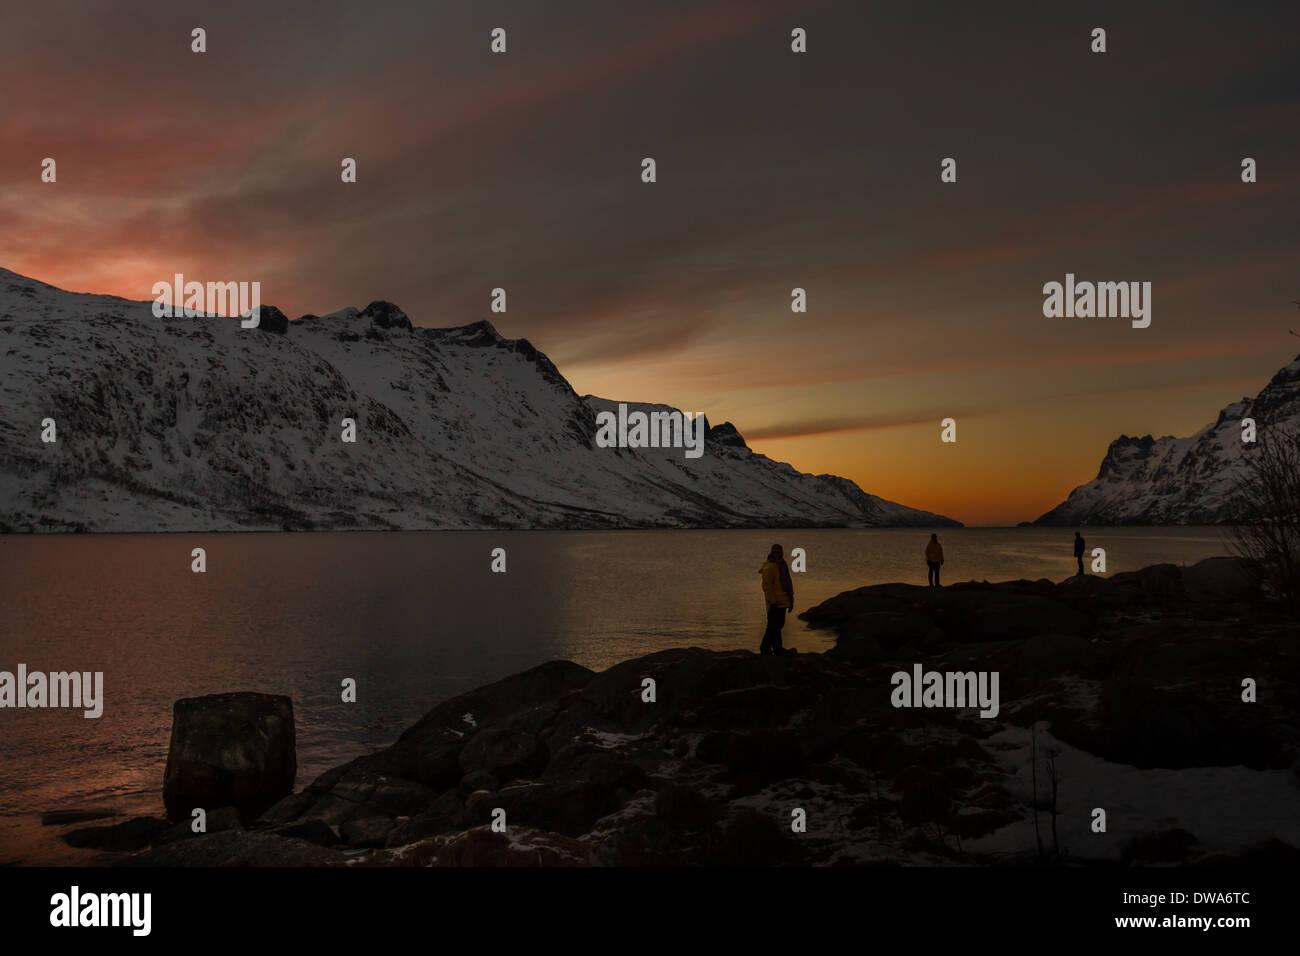 Paysage de la Norvège: 3 personnes silhouetté contre un coucher de soleil sur l'un des fjords de la Norvège sur une soirée d'hiver avec un décor de montagnes Photo Stock